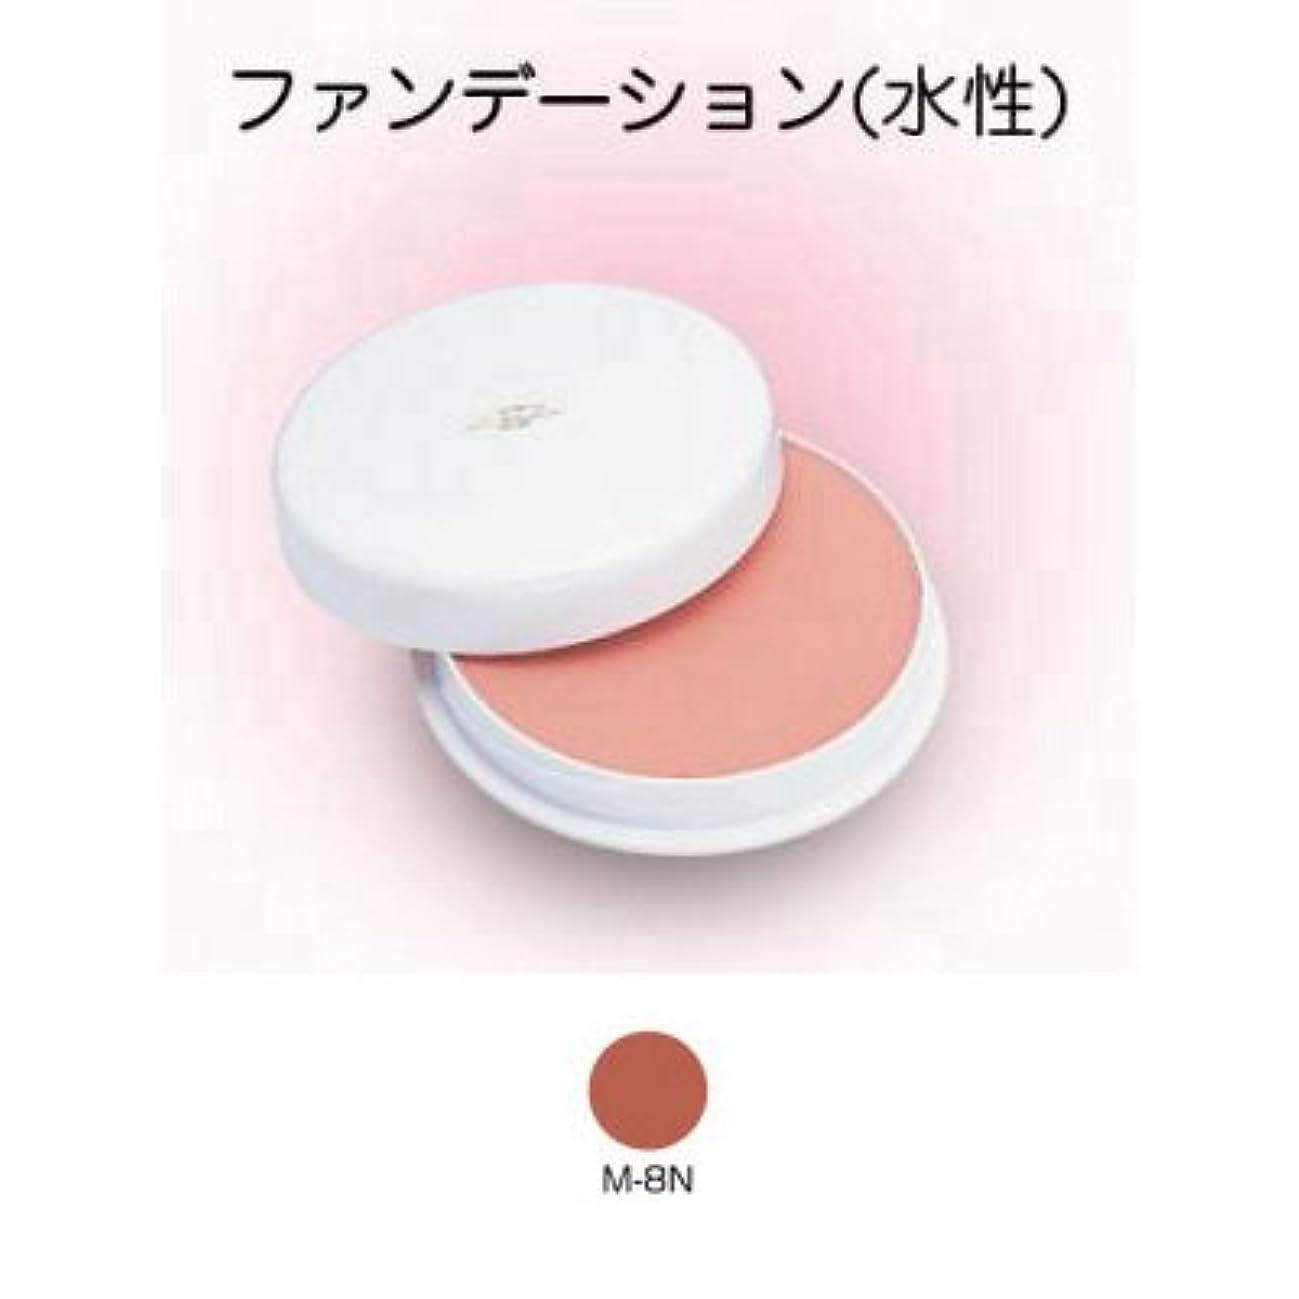 金曜日結核低下フェースケーキ 60g M-8N 【三善】